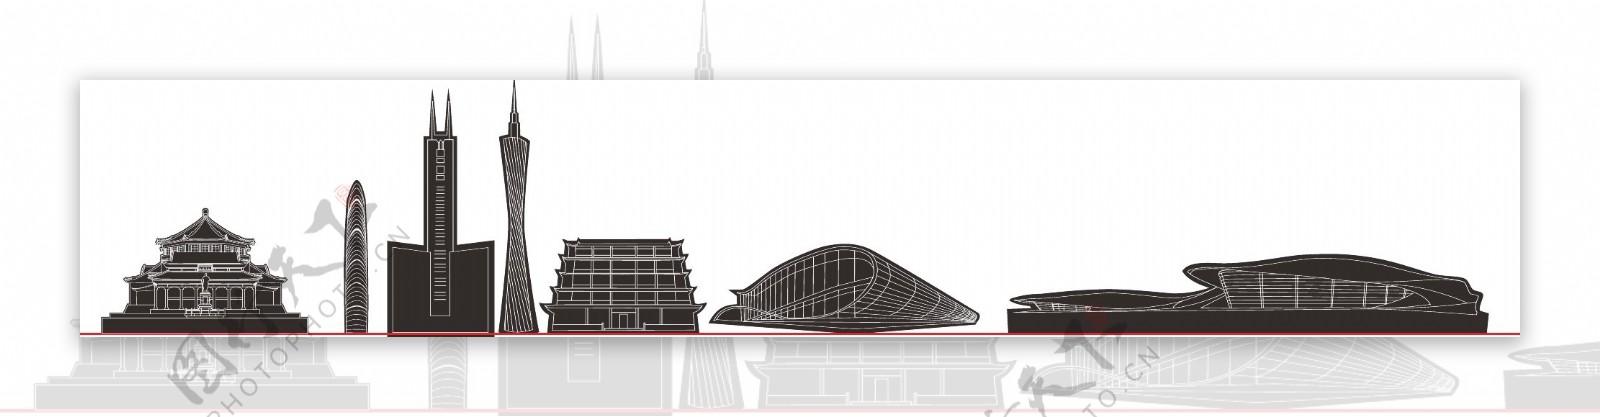 广州标志性建筑线稿图片